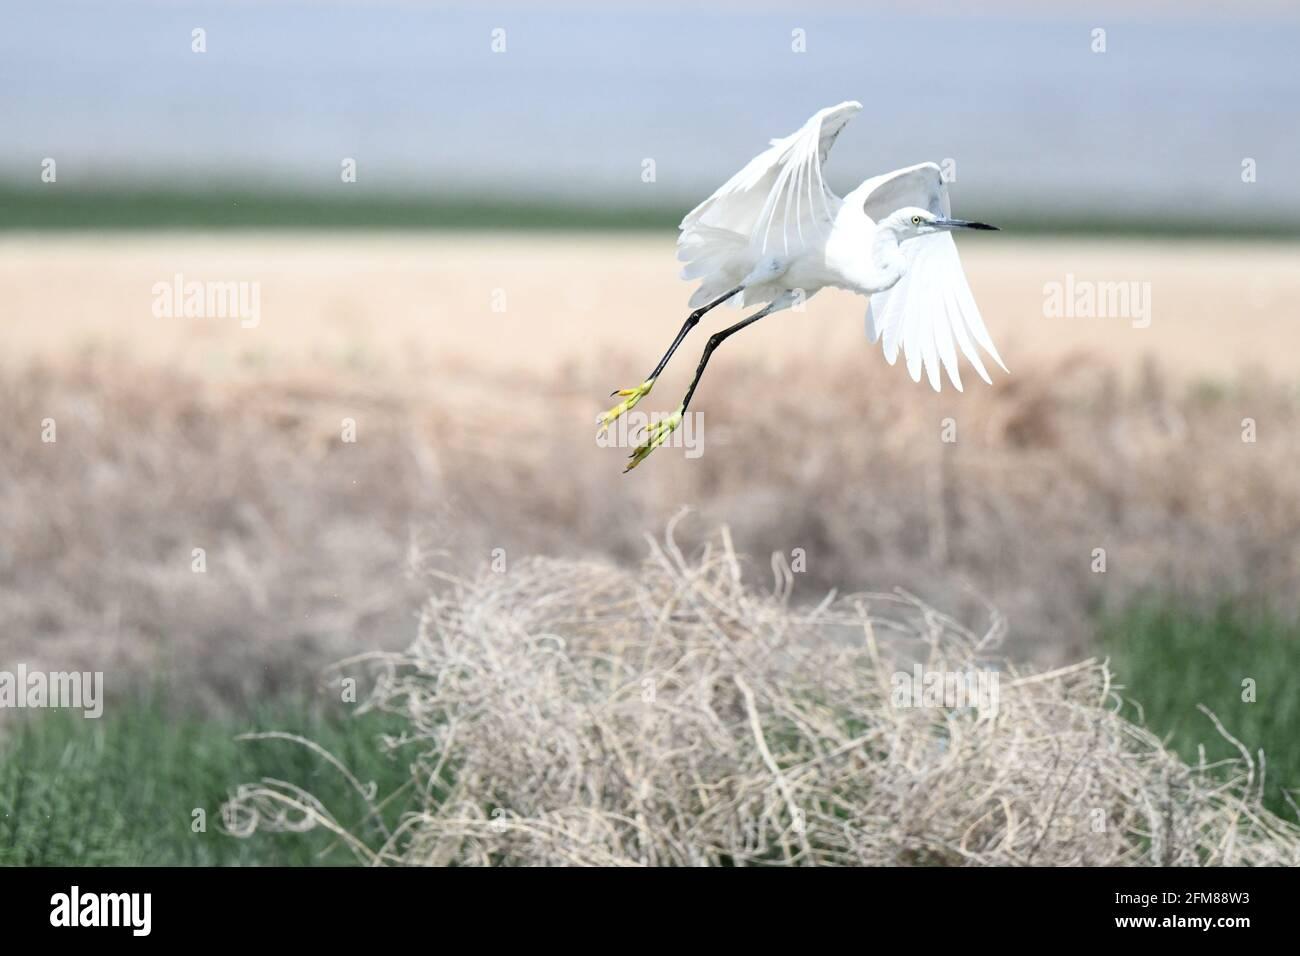 Koweït. 6 mai 2021. Photo prise le 6 mai 2021 montre un oiseau sur une plage dans le gouvernorat de Jahra, au Koweït. Credit: Ghazy Qaffaf/Xinhua/Alamy Live News Banque D'Images